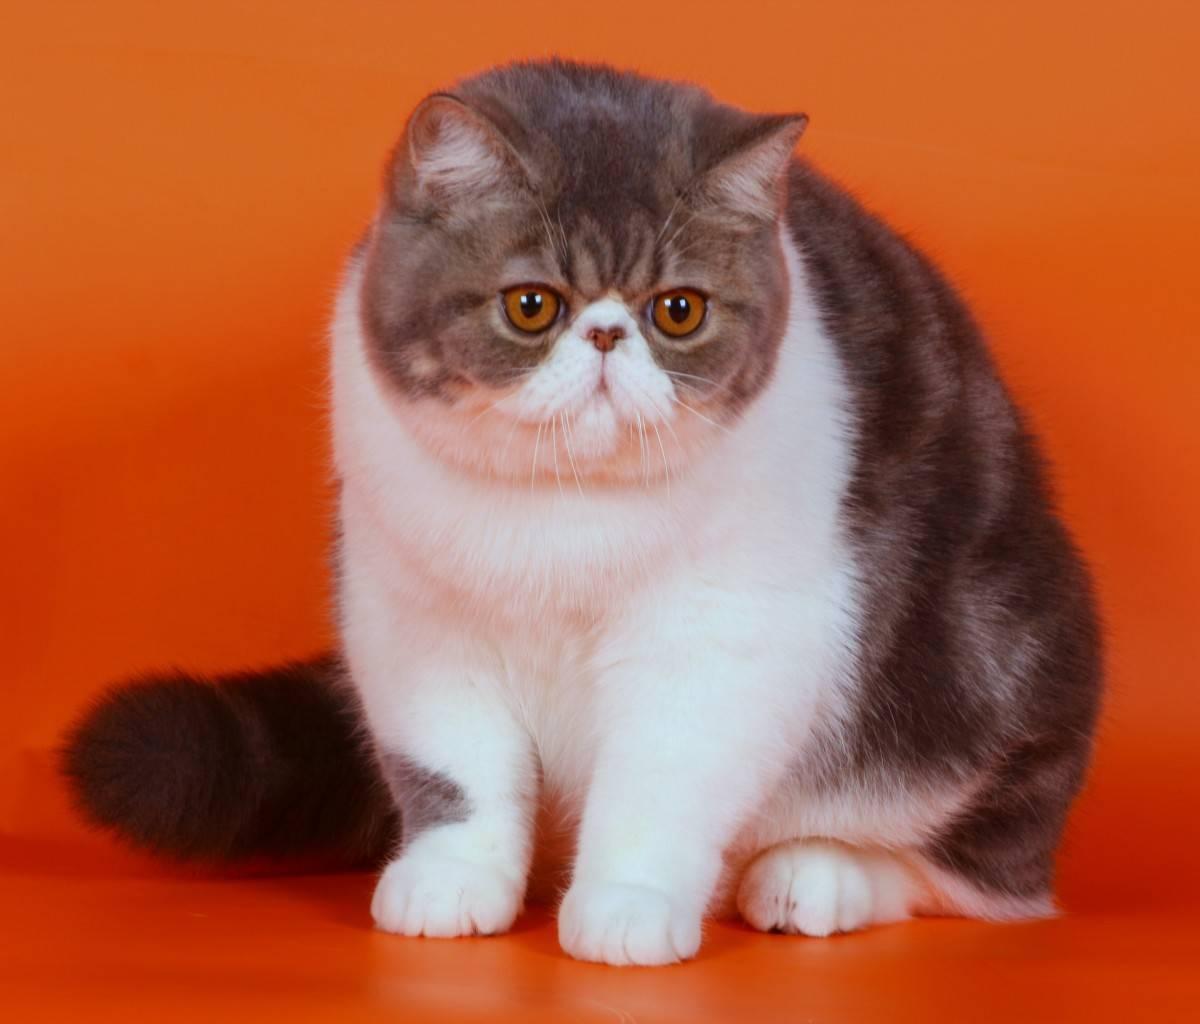 Экзотическая короткошерстная кошка: особенности породы, внешний вид и характер